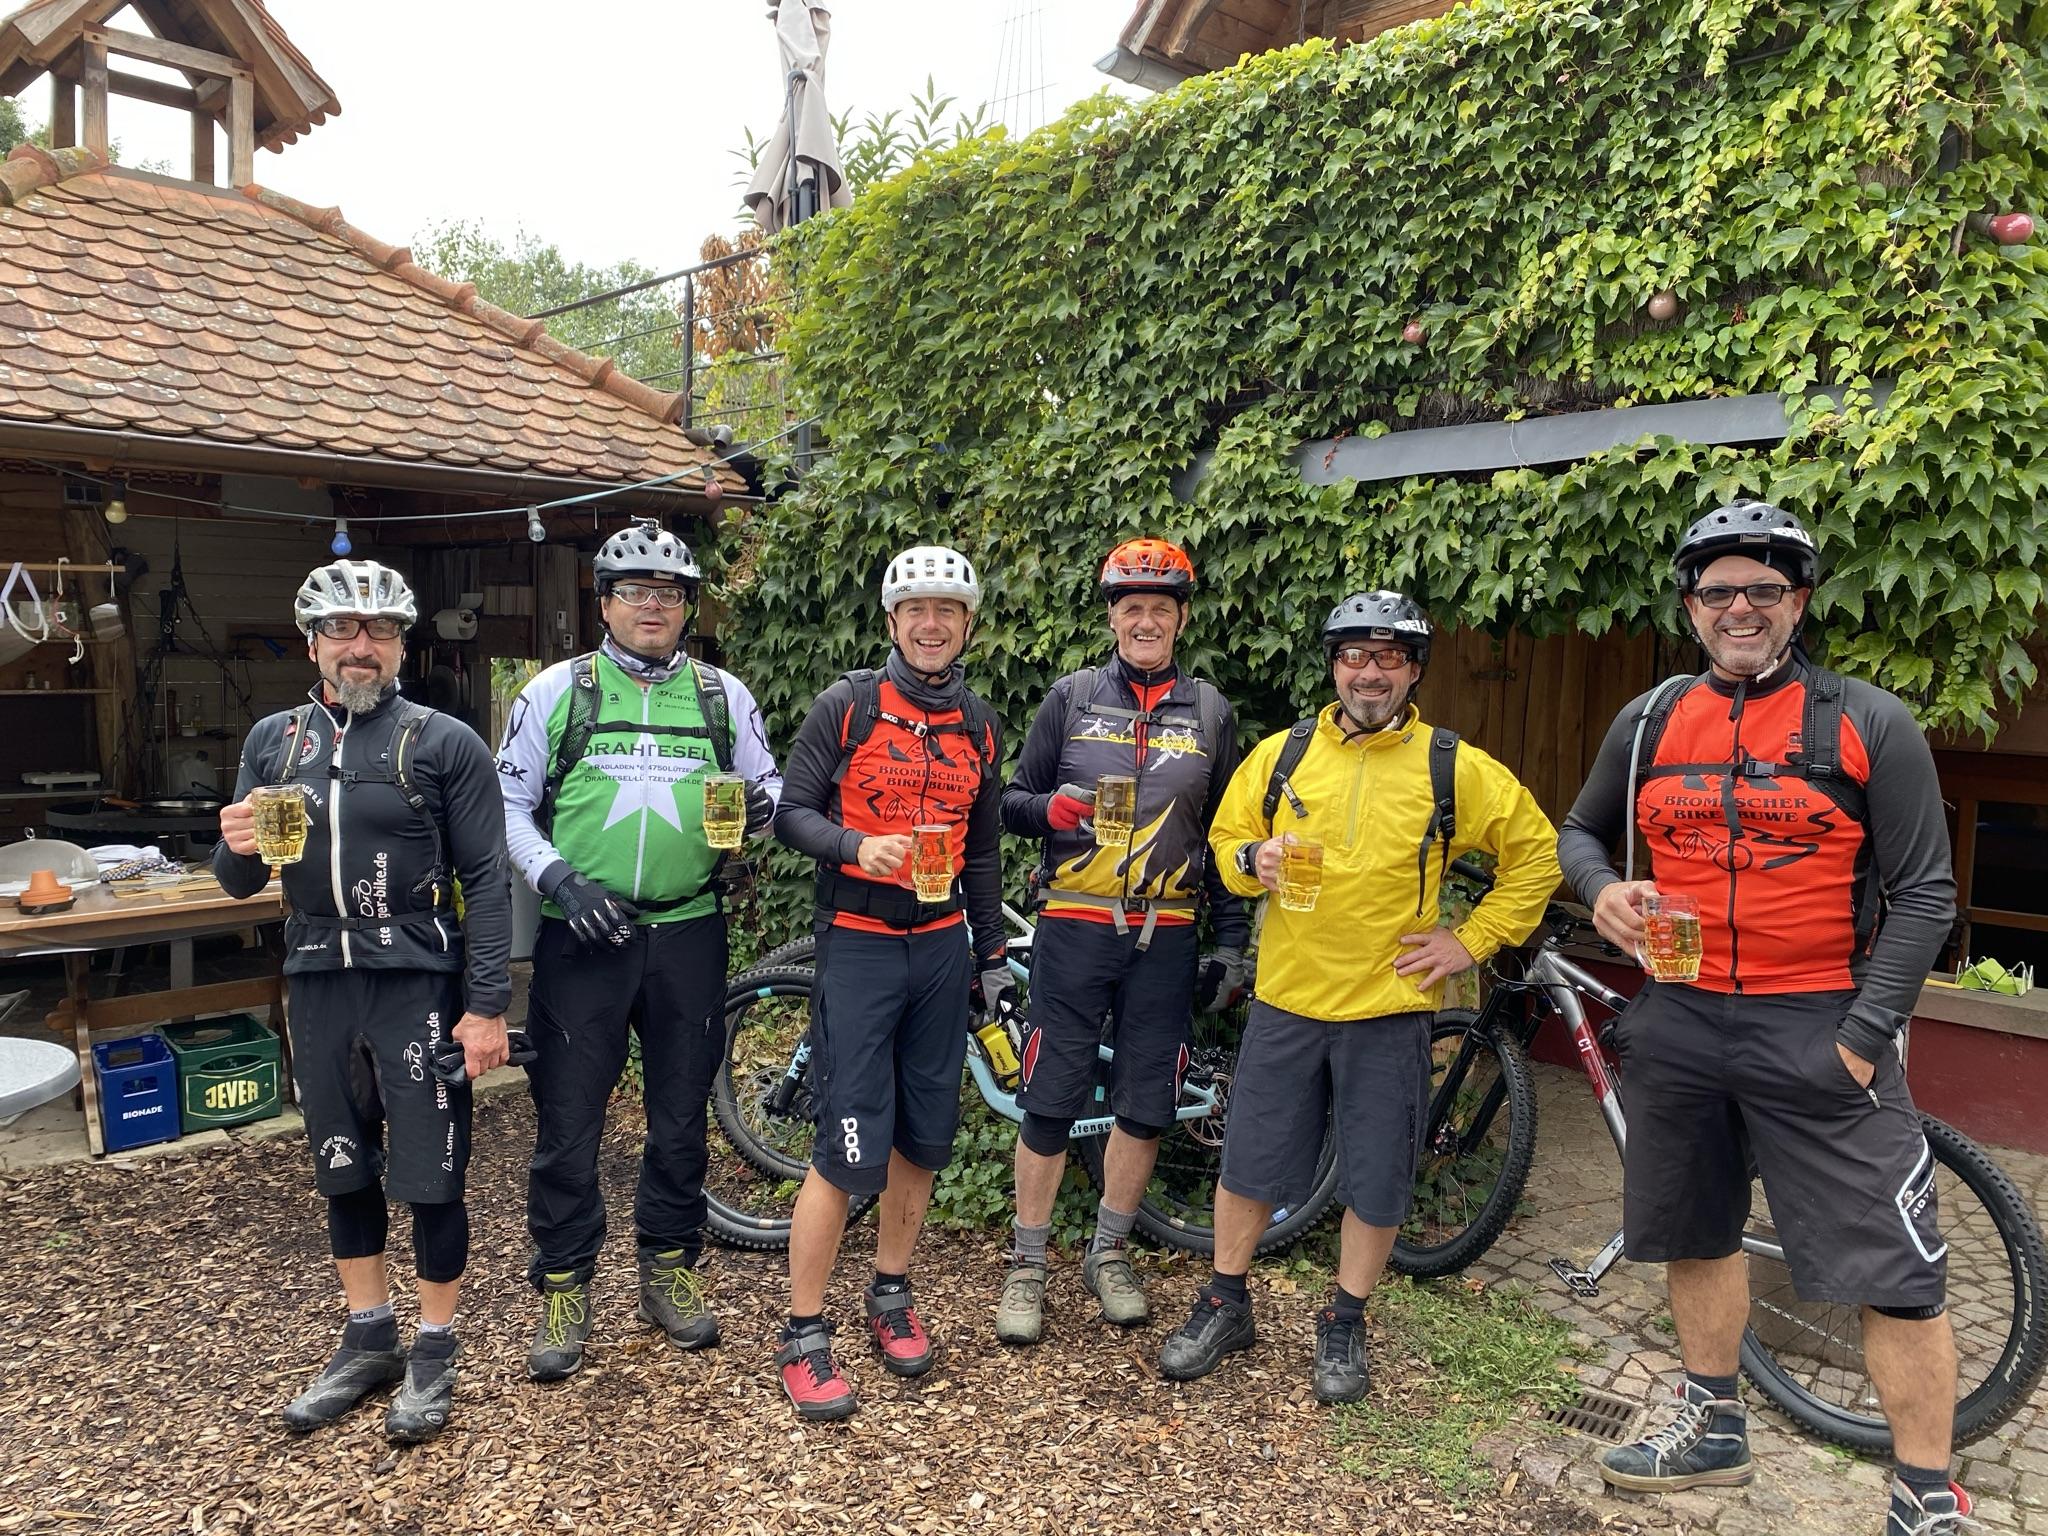 Bromischer Kerb 2020 – Eine Tour der besonderen Art unter besonderen Voraussetzungen